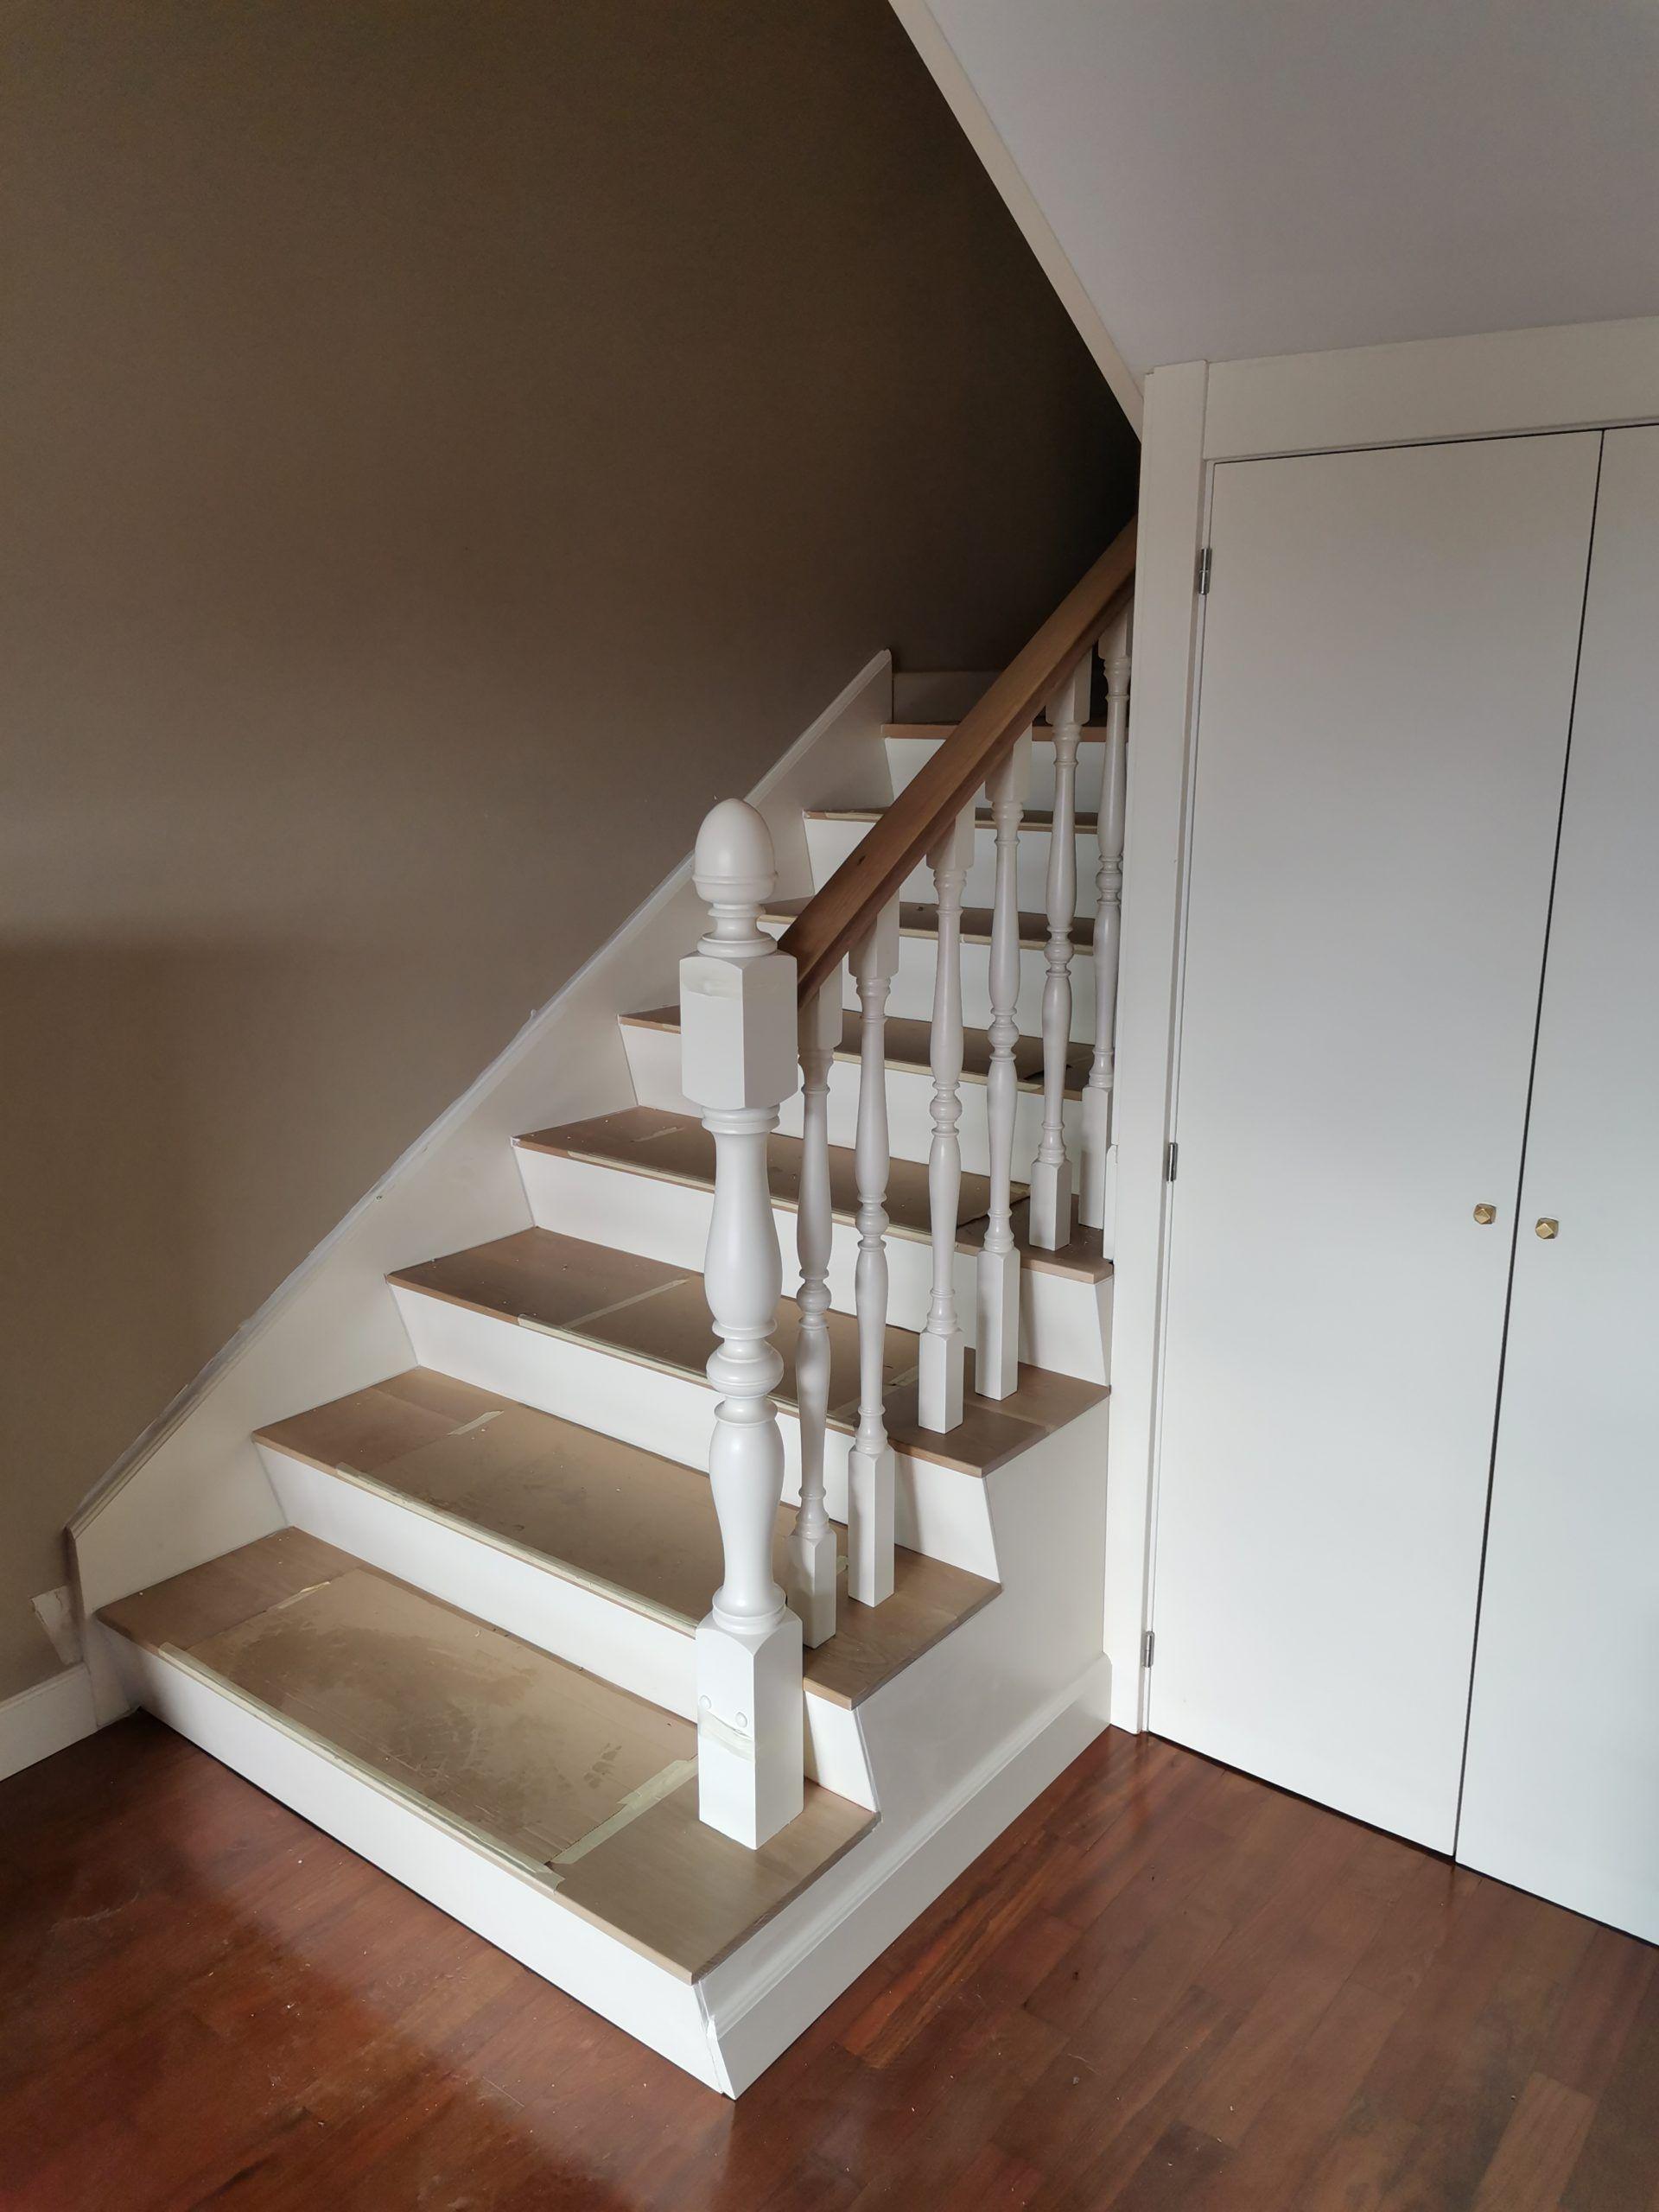 Artybel-forrado-escalera-de-obra-rodapie-moldurado-corrido-lateral-externo-panel-lacado-blanco-y-barandilla-torneada-lacado-blanco-con-pasamanos-roble-barniz-natural.